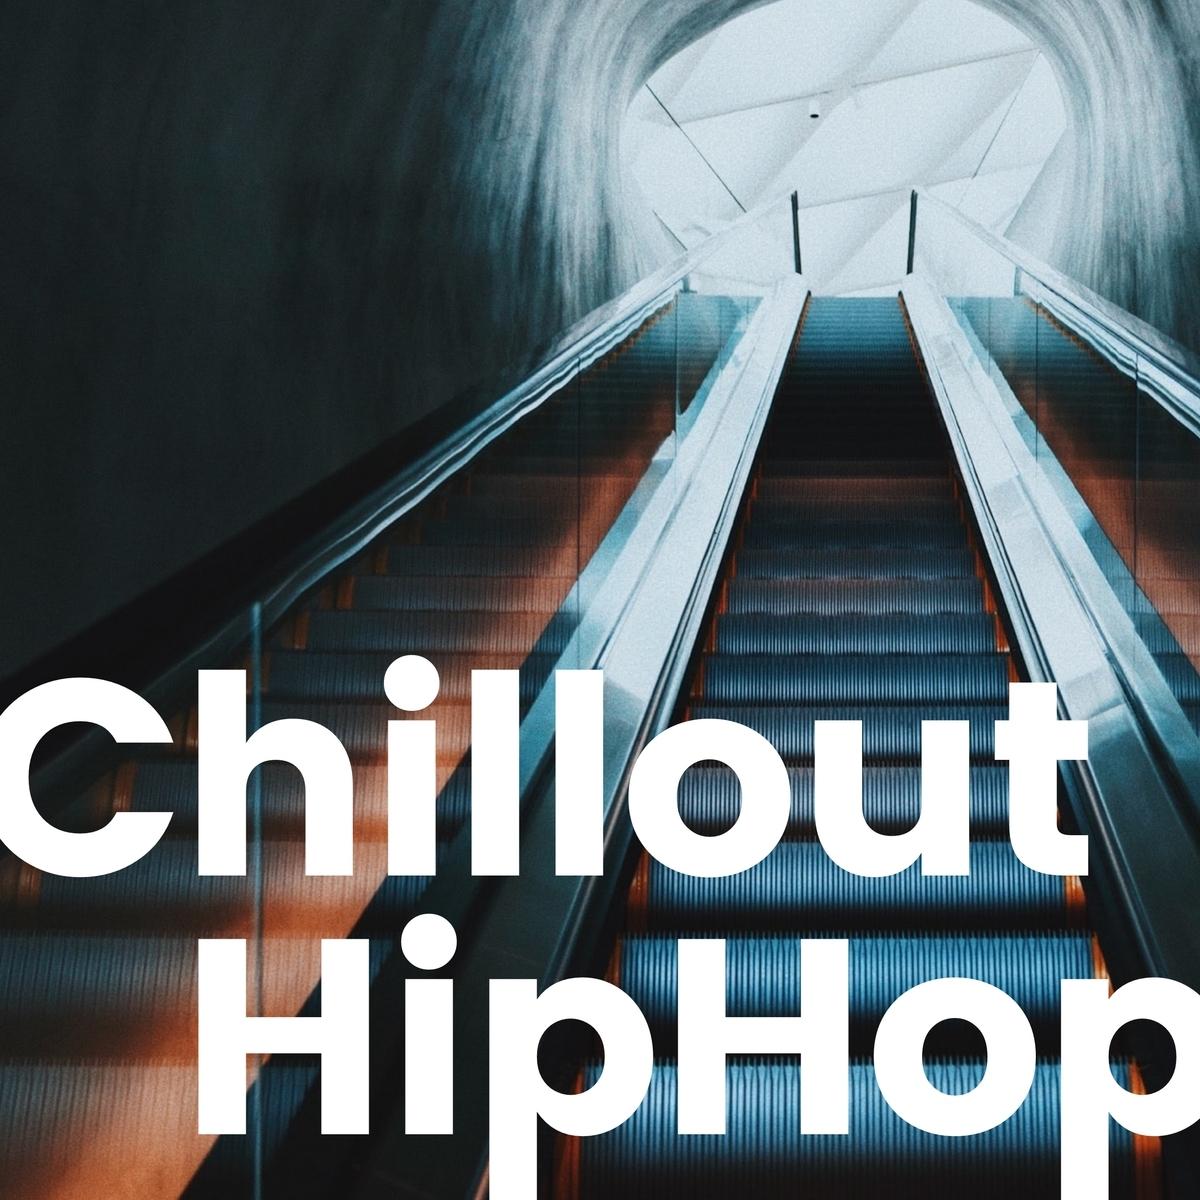 Chillout HipoHop